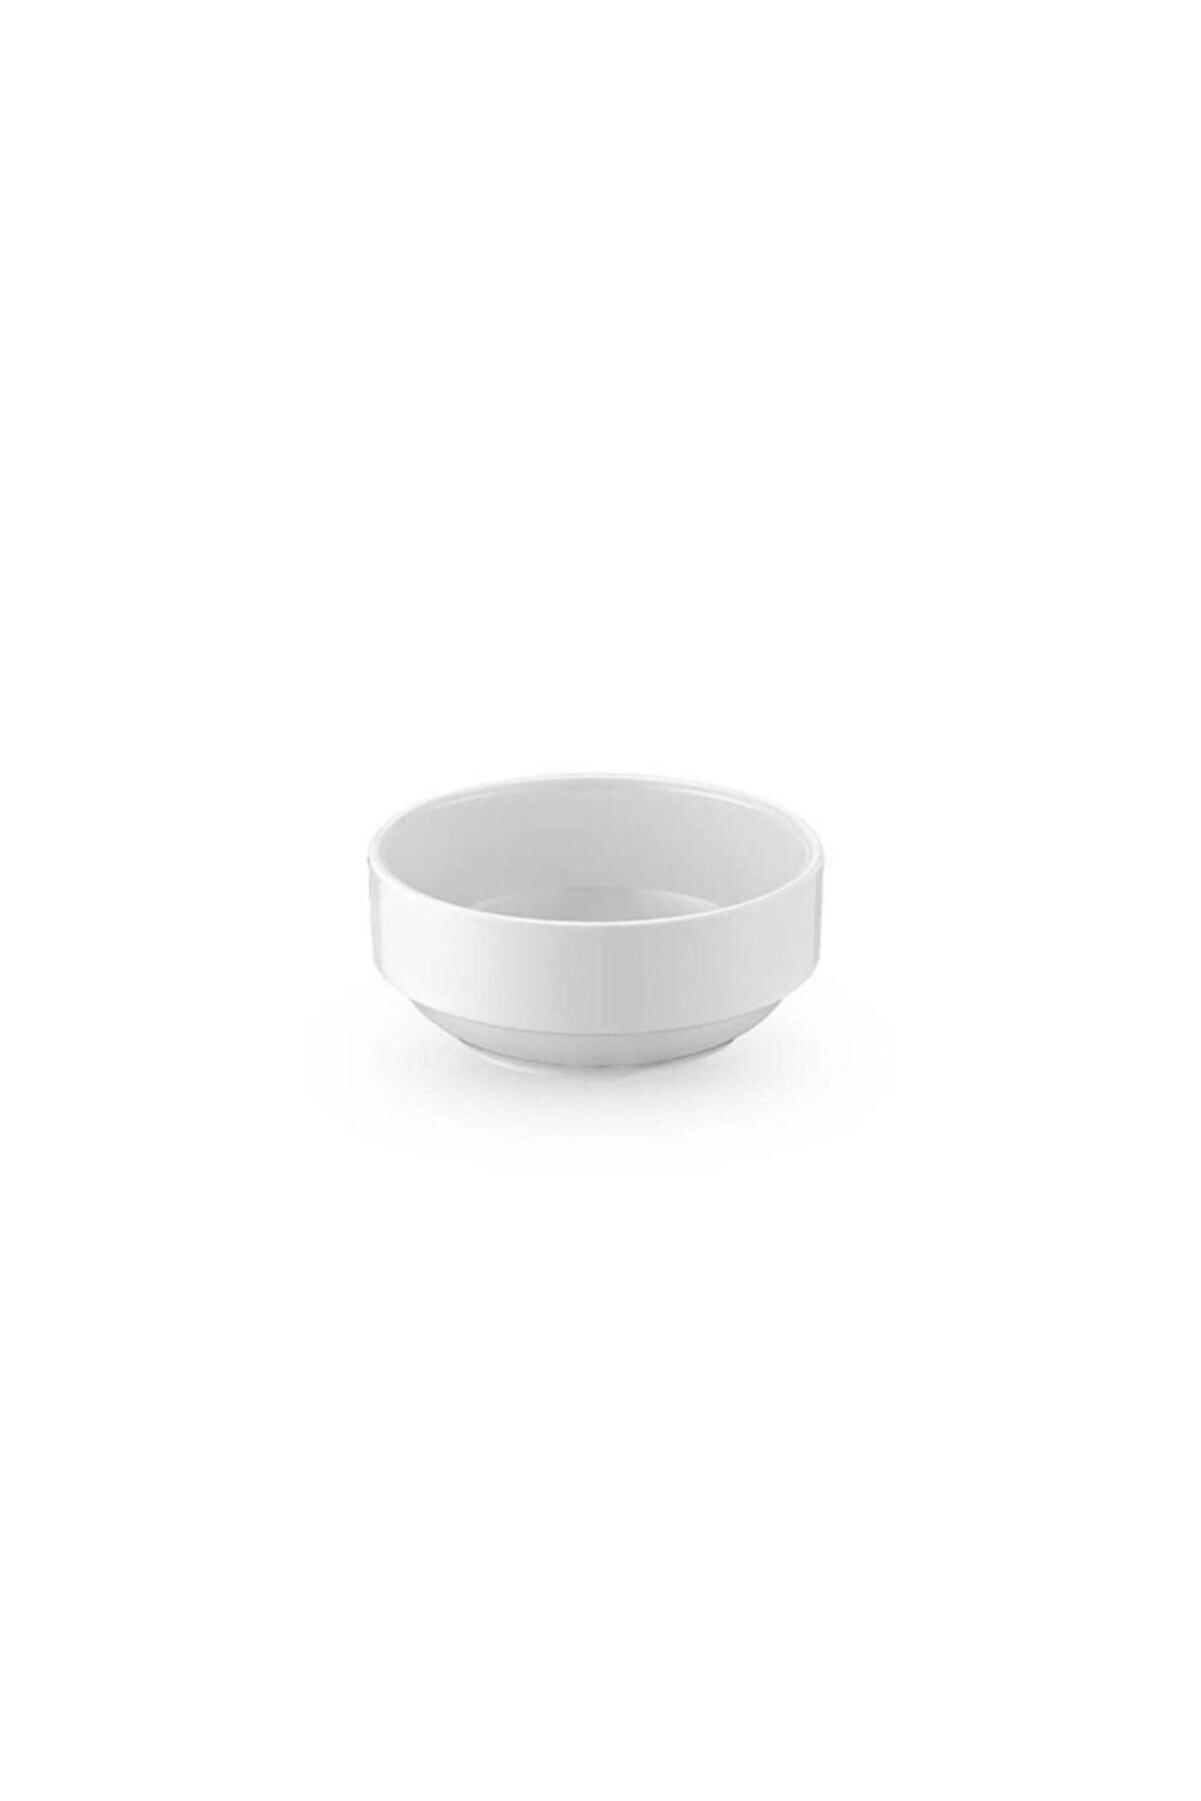 Güral Porselen Çorba Kasesi 6'lı 12 cm